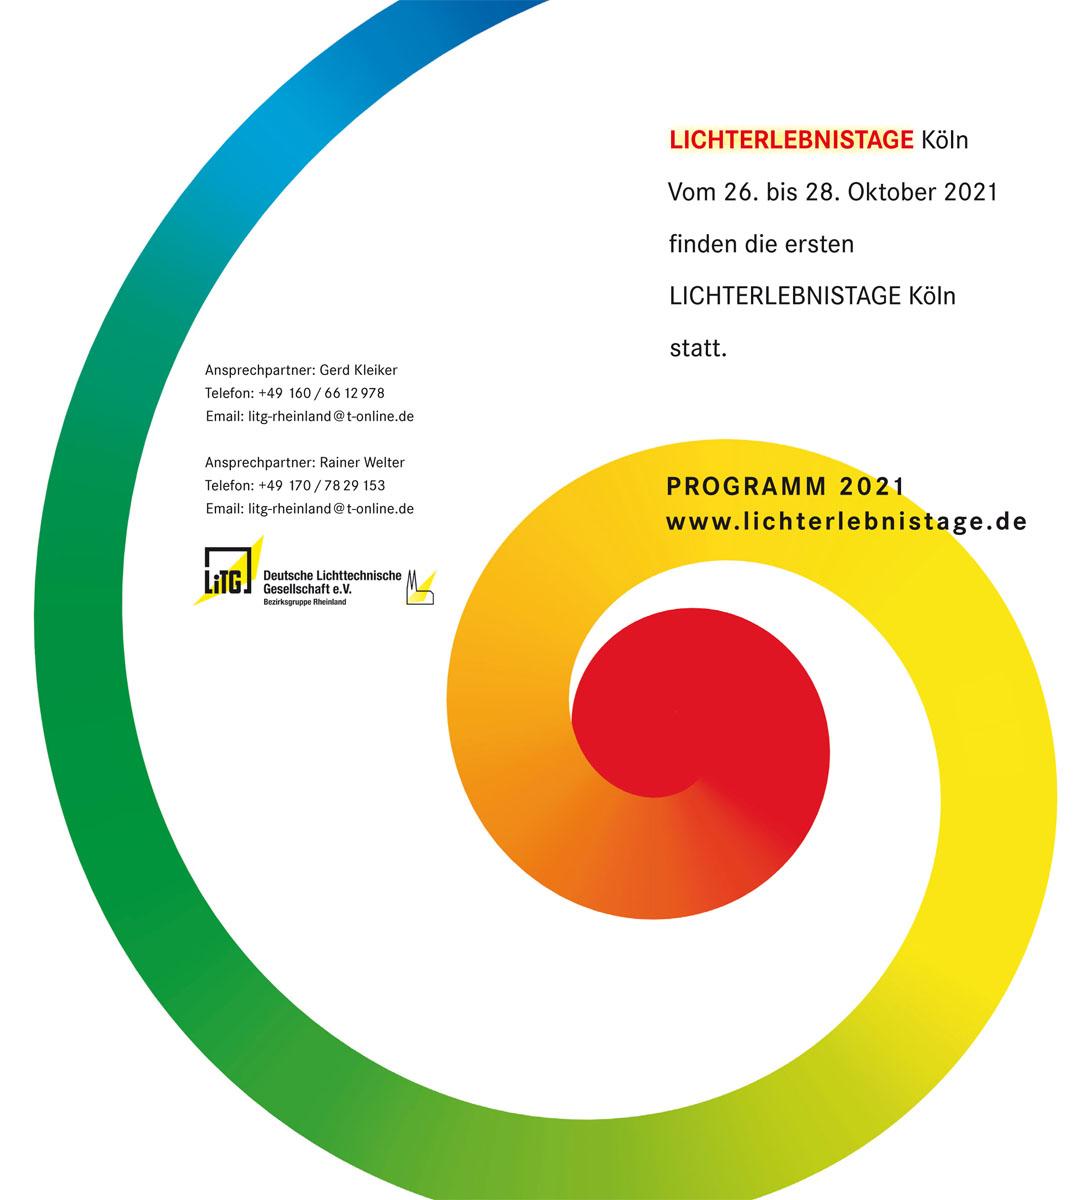 Lichterlebnistage Köln - Programm 2021